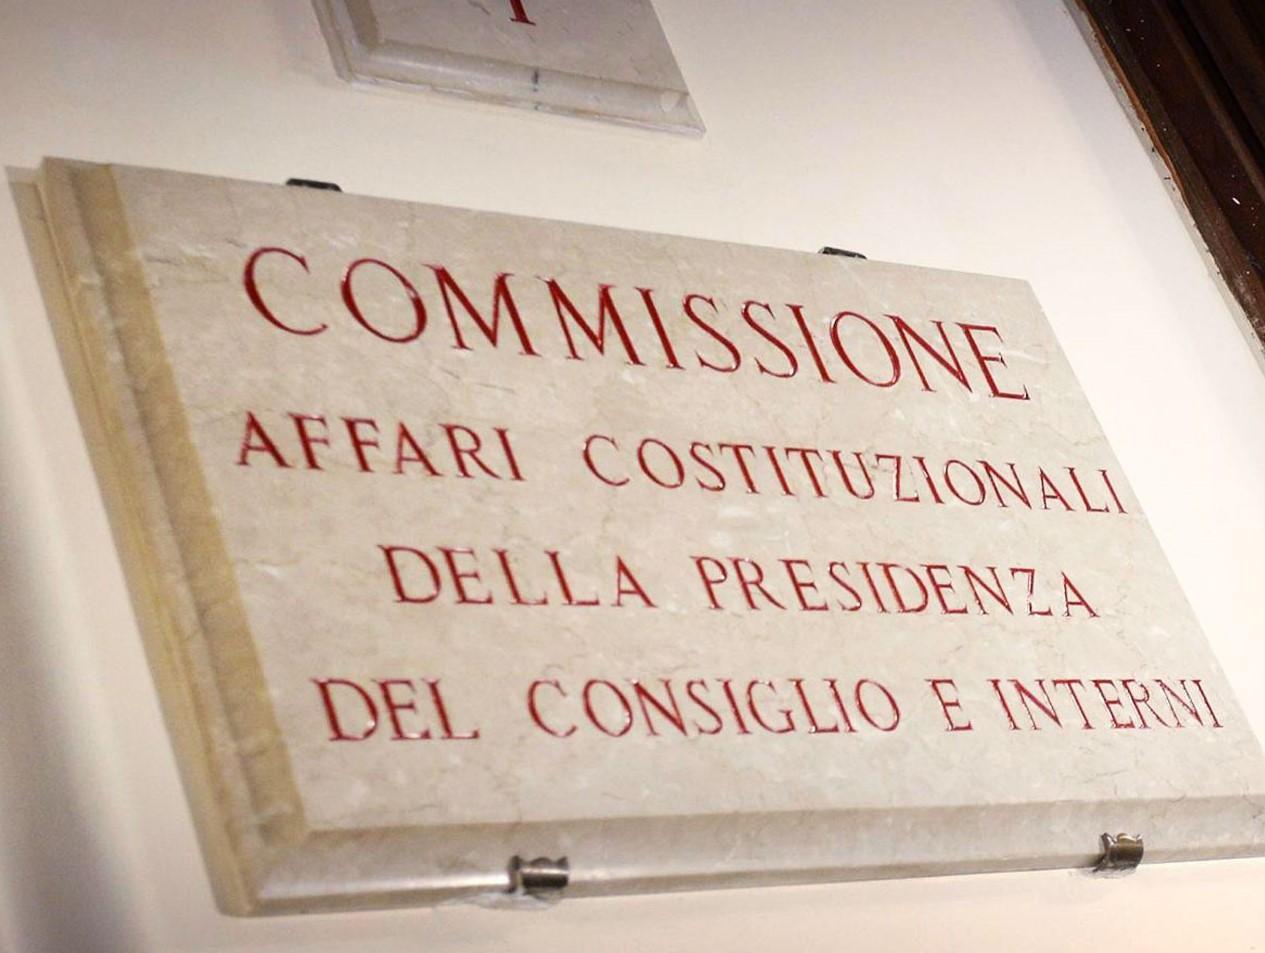 commissioneaffaricostituzionali.jpg